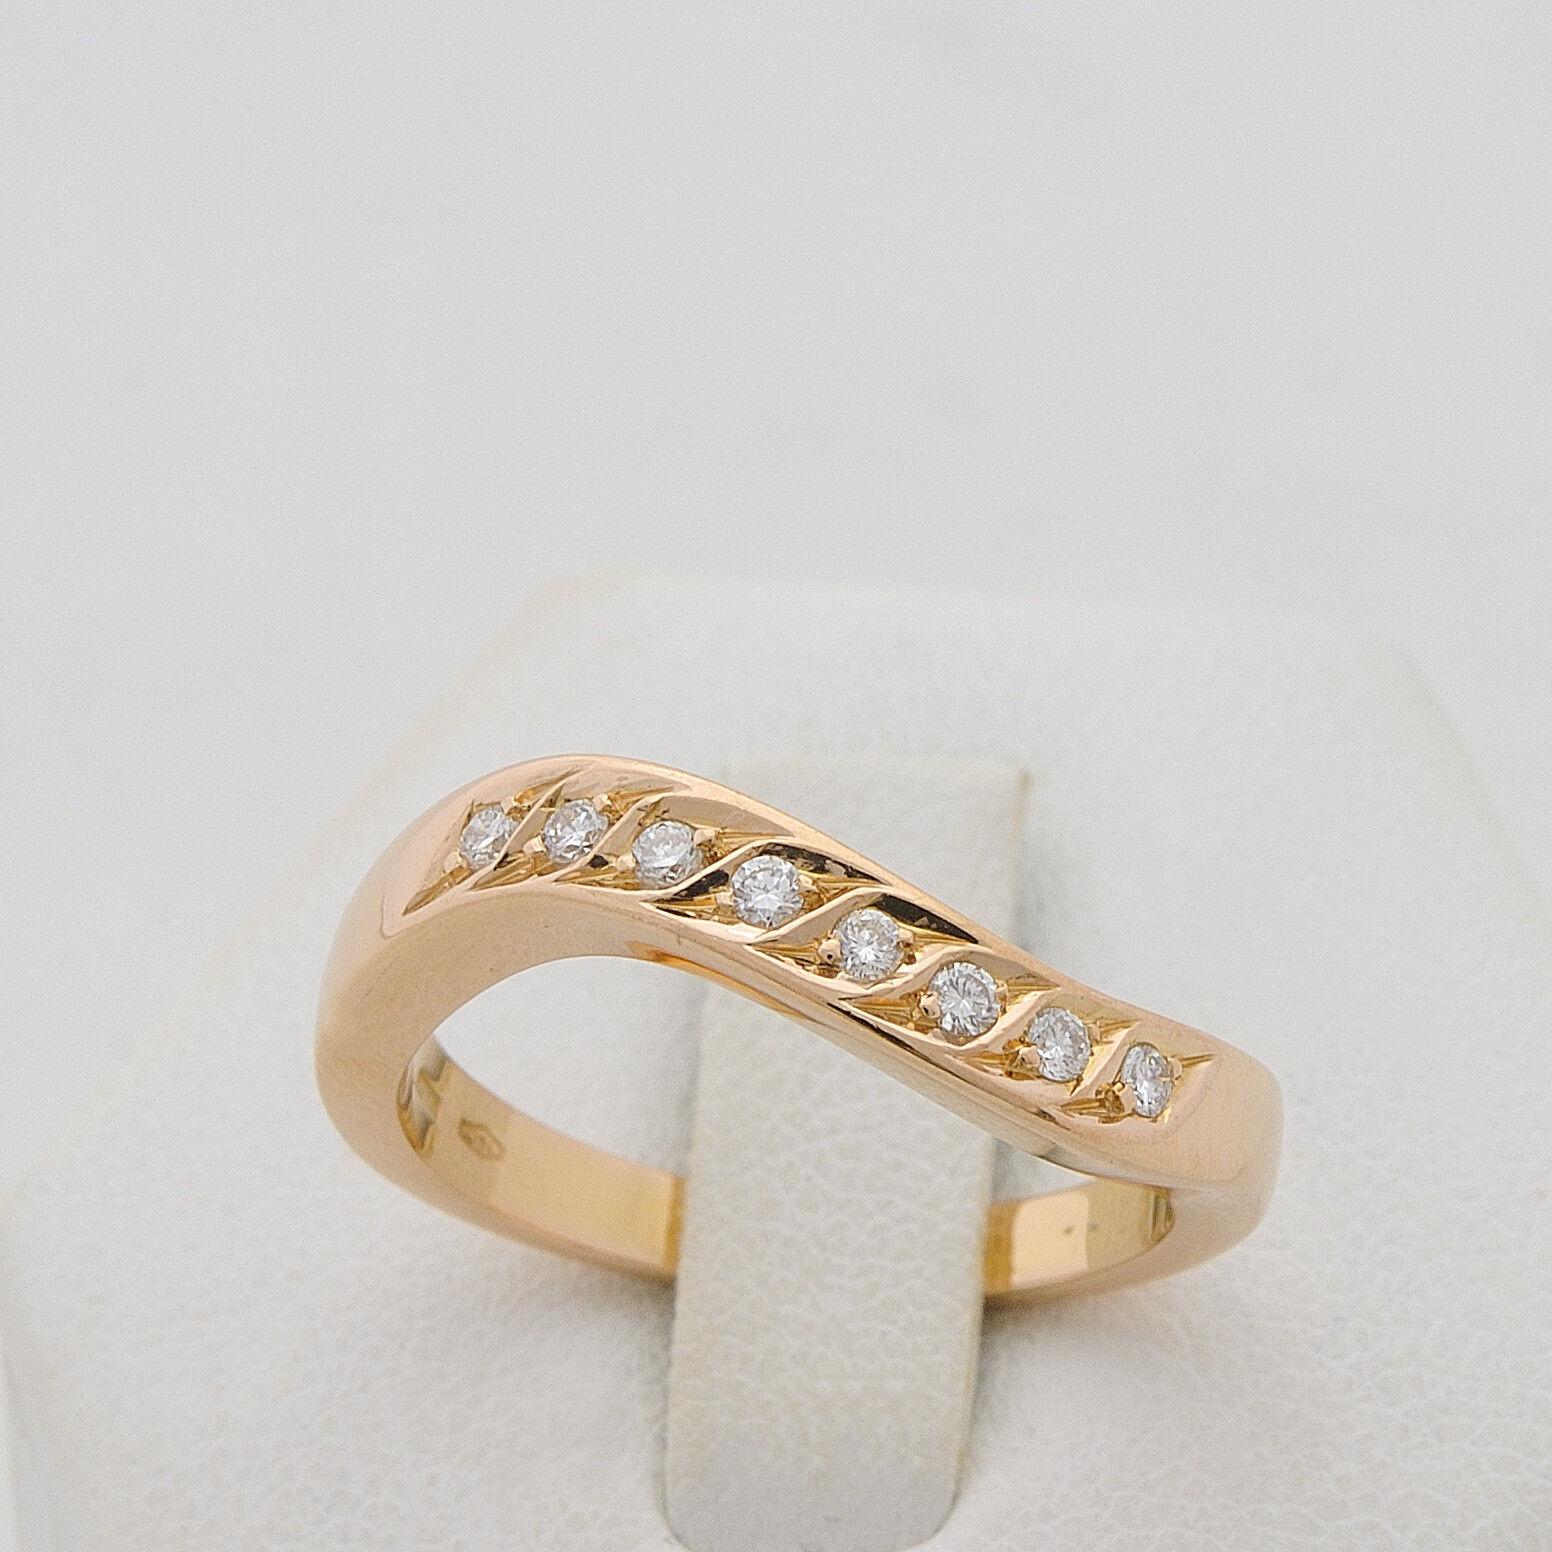 ANELLO VERETTA OBLIQUE IN gold pink 18 KT 750 DIAMANTI TAGLIO BRILLANTE 0.16 CT